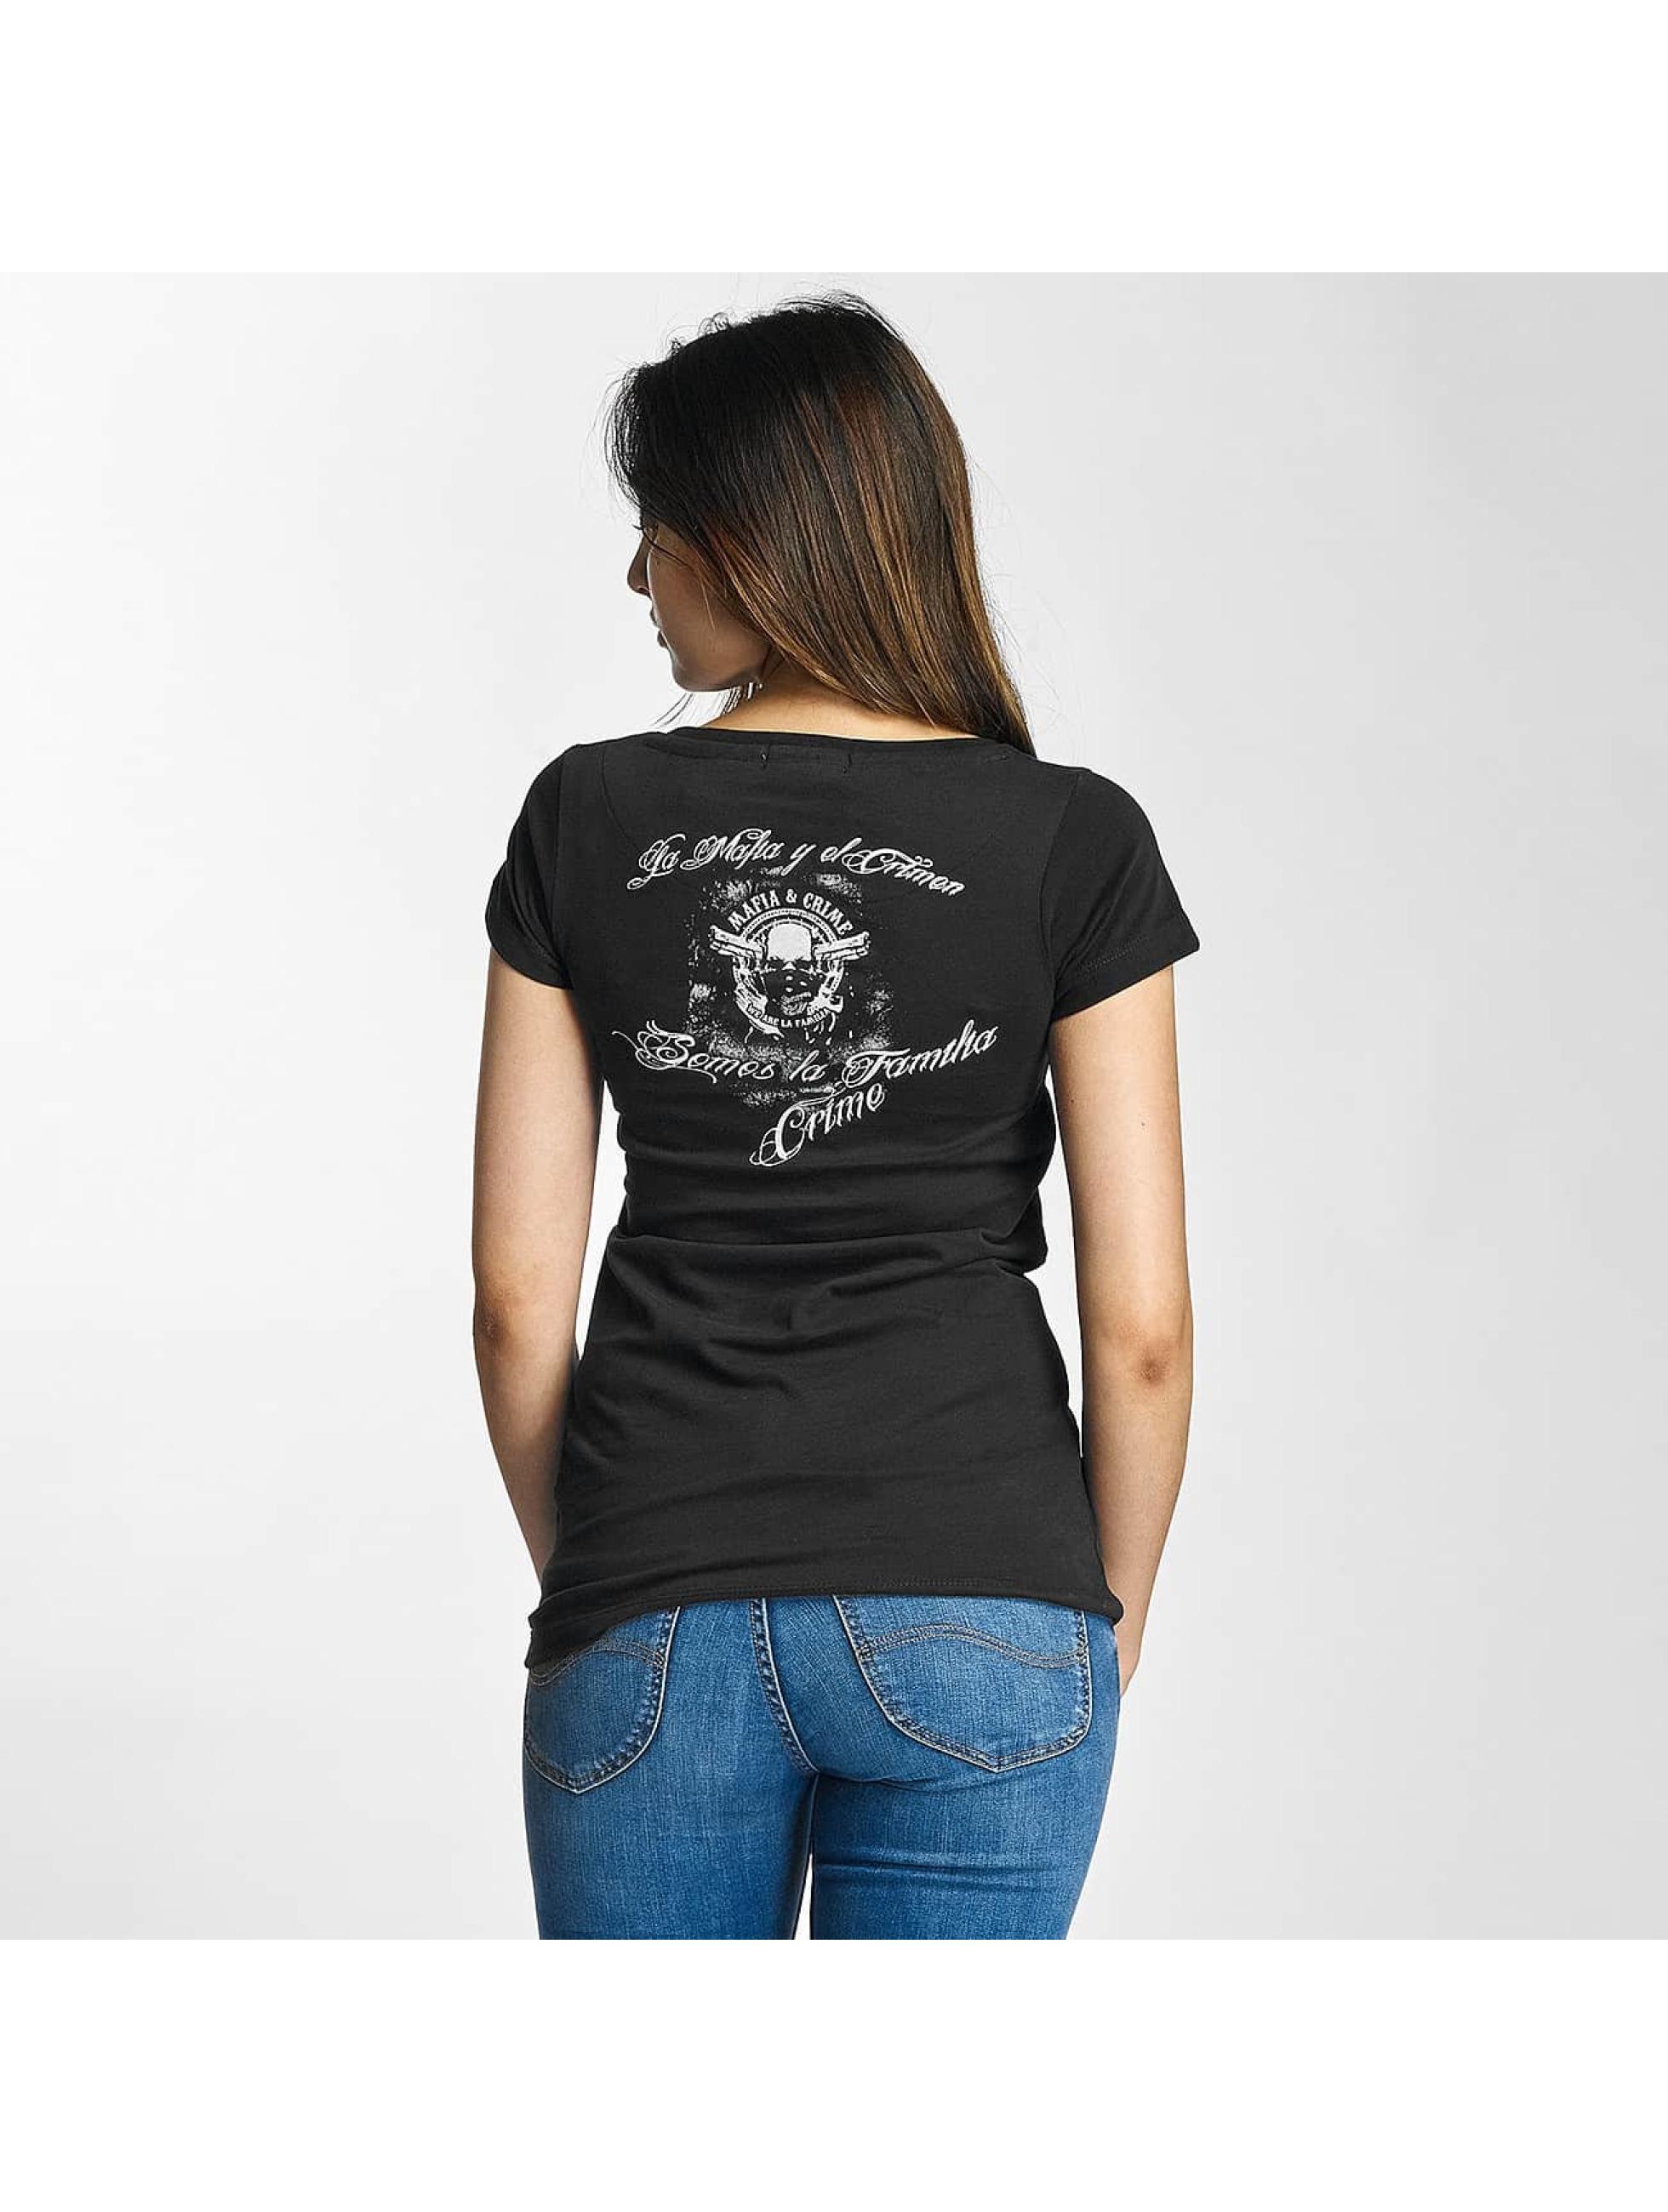 Mafia & Crime T-Shirt Somos La Familia Girls schwarz